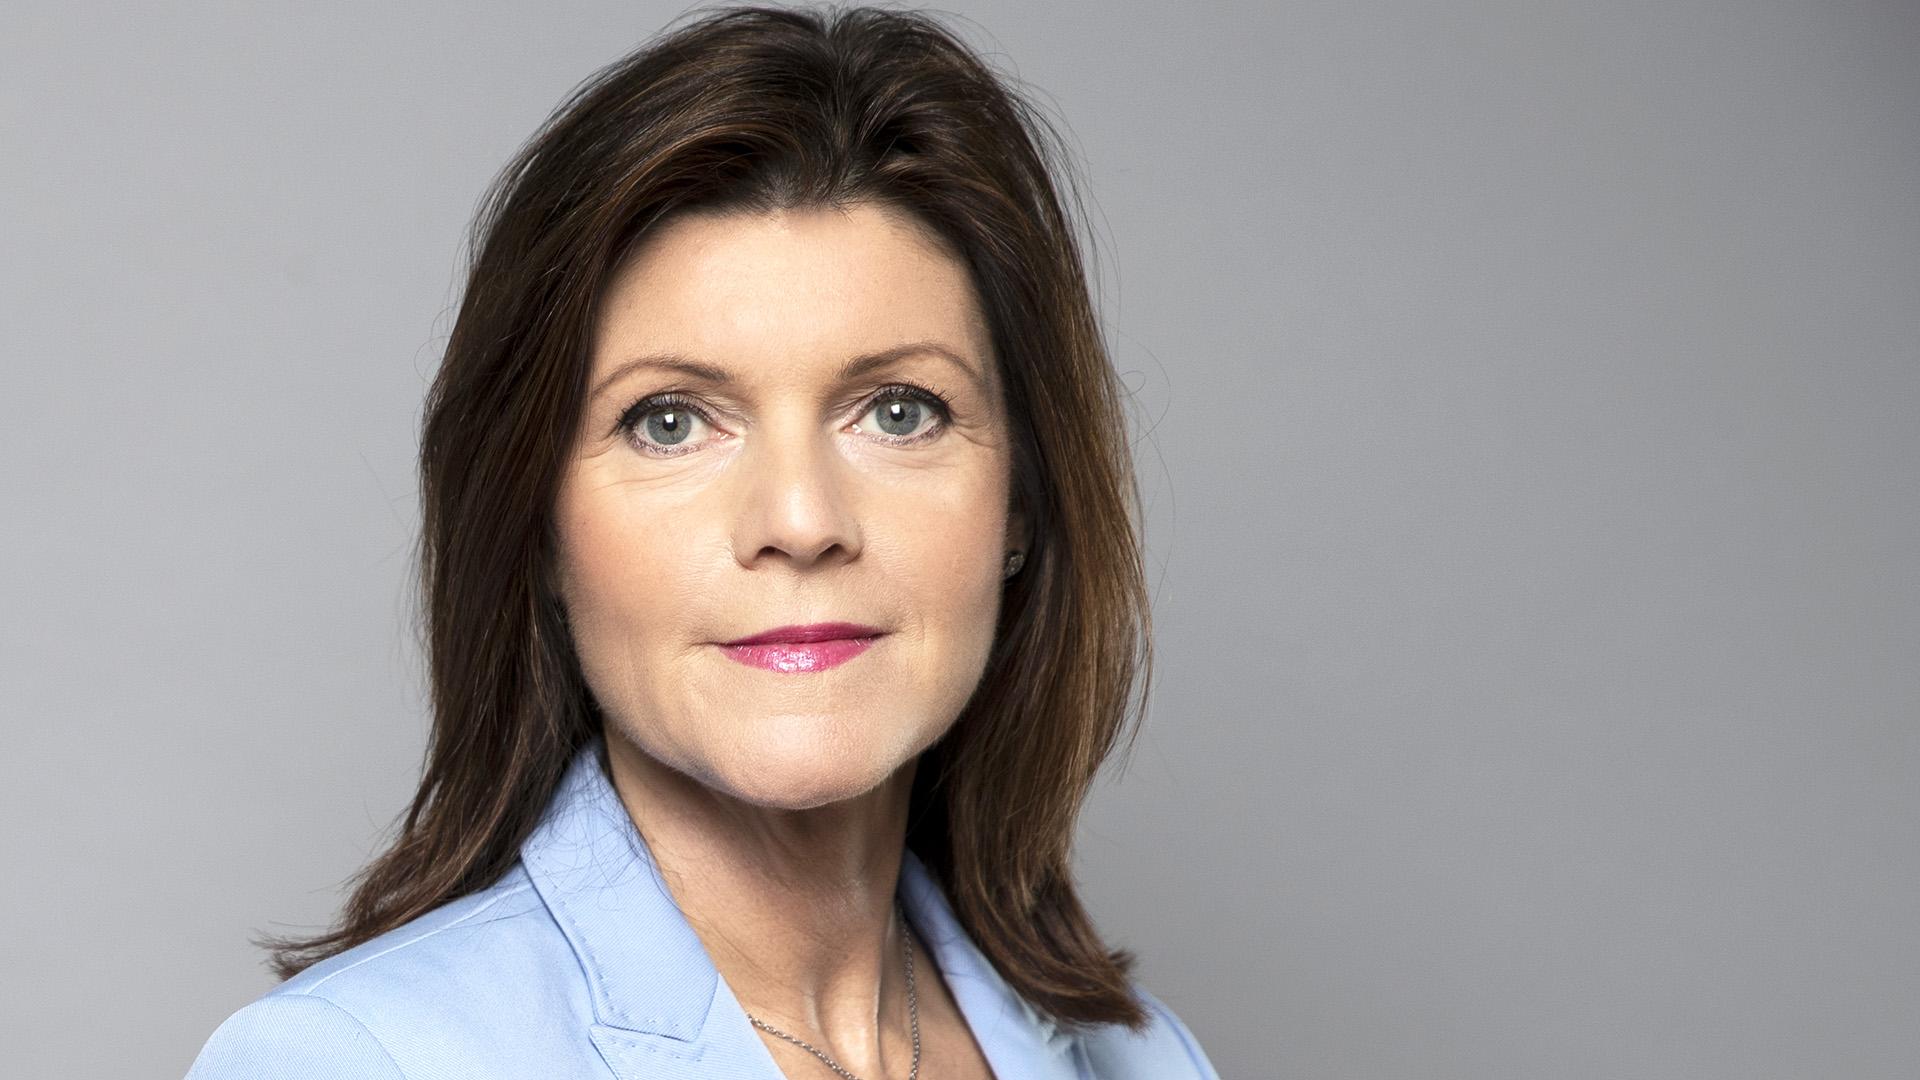 Arbertsmarknadsminister Eva Nordmark